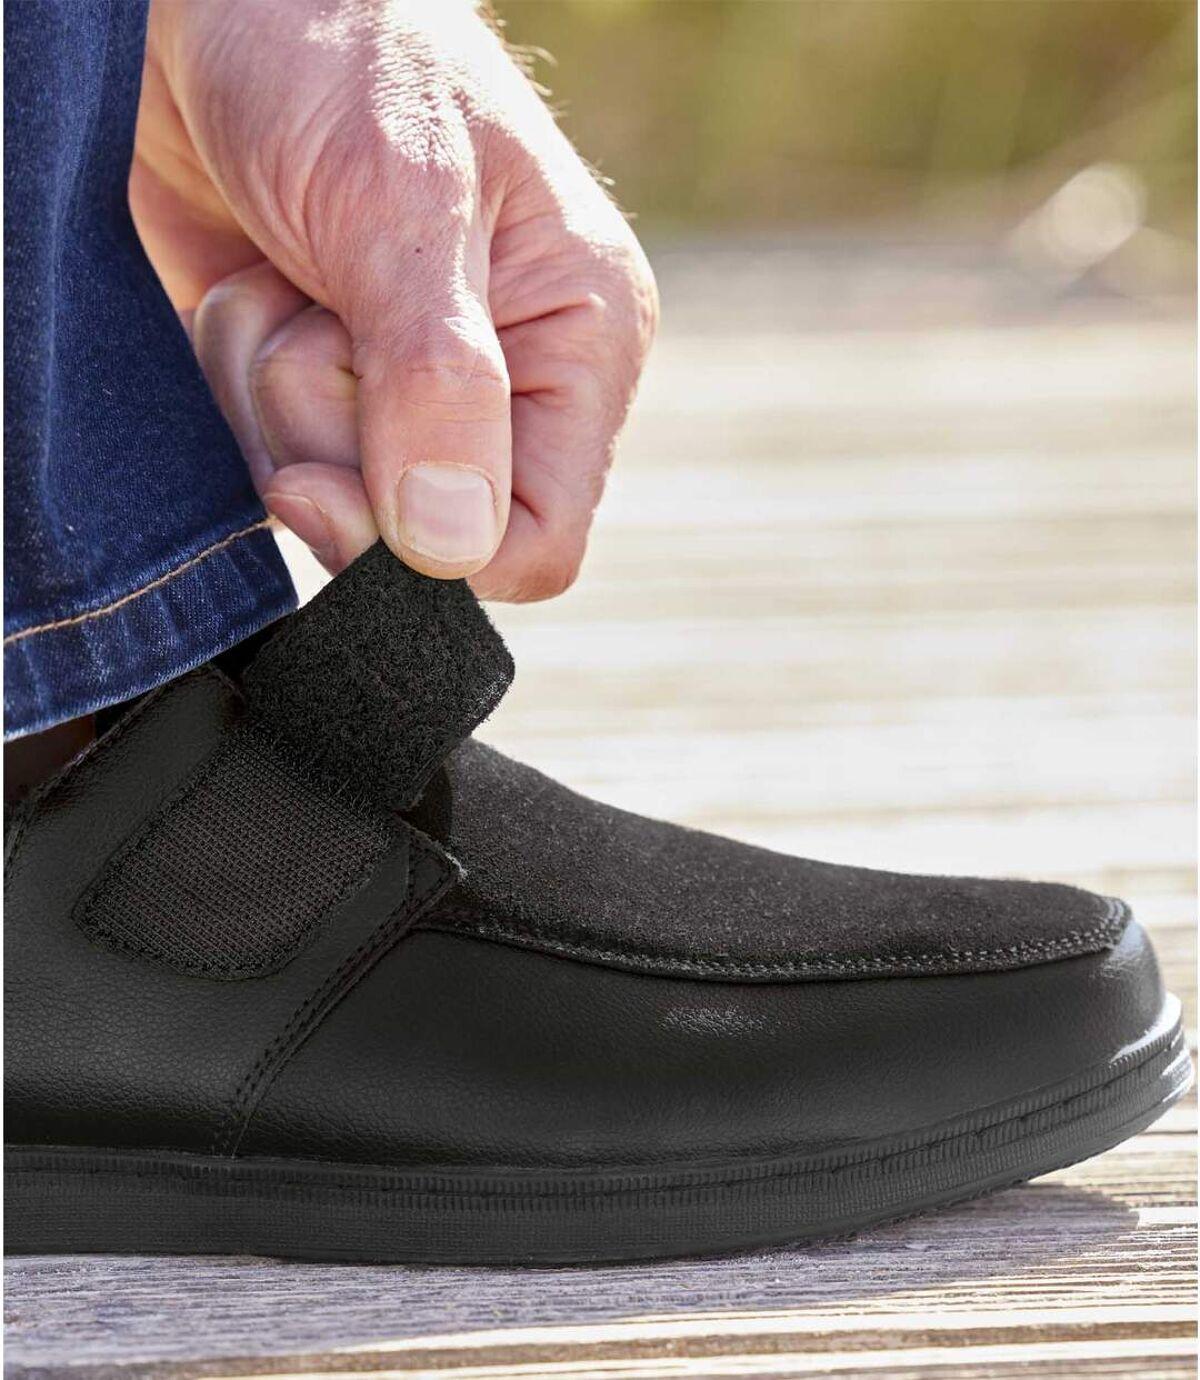 Men's Black Leather Hook-and-Loop Moccasins Atlas For Men